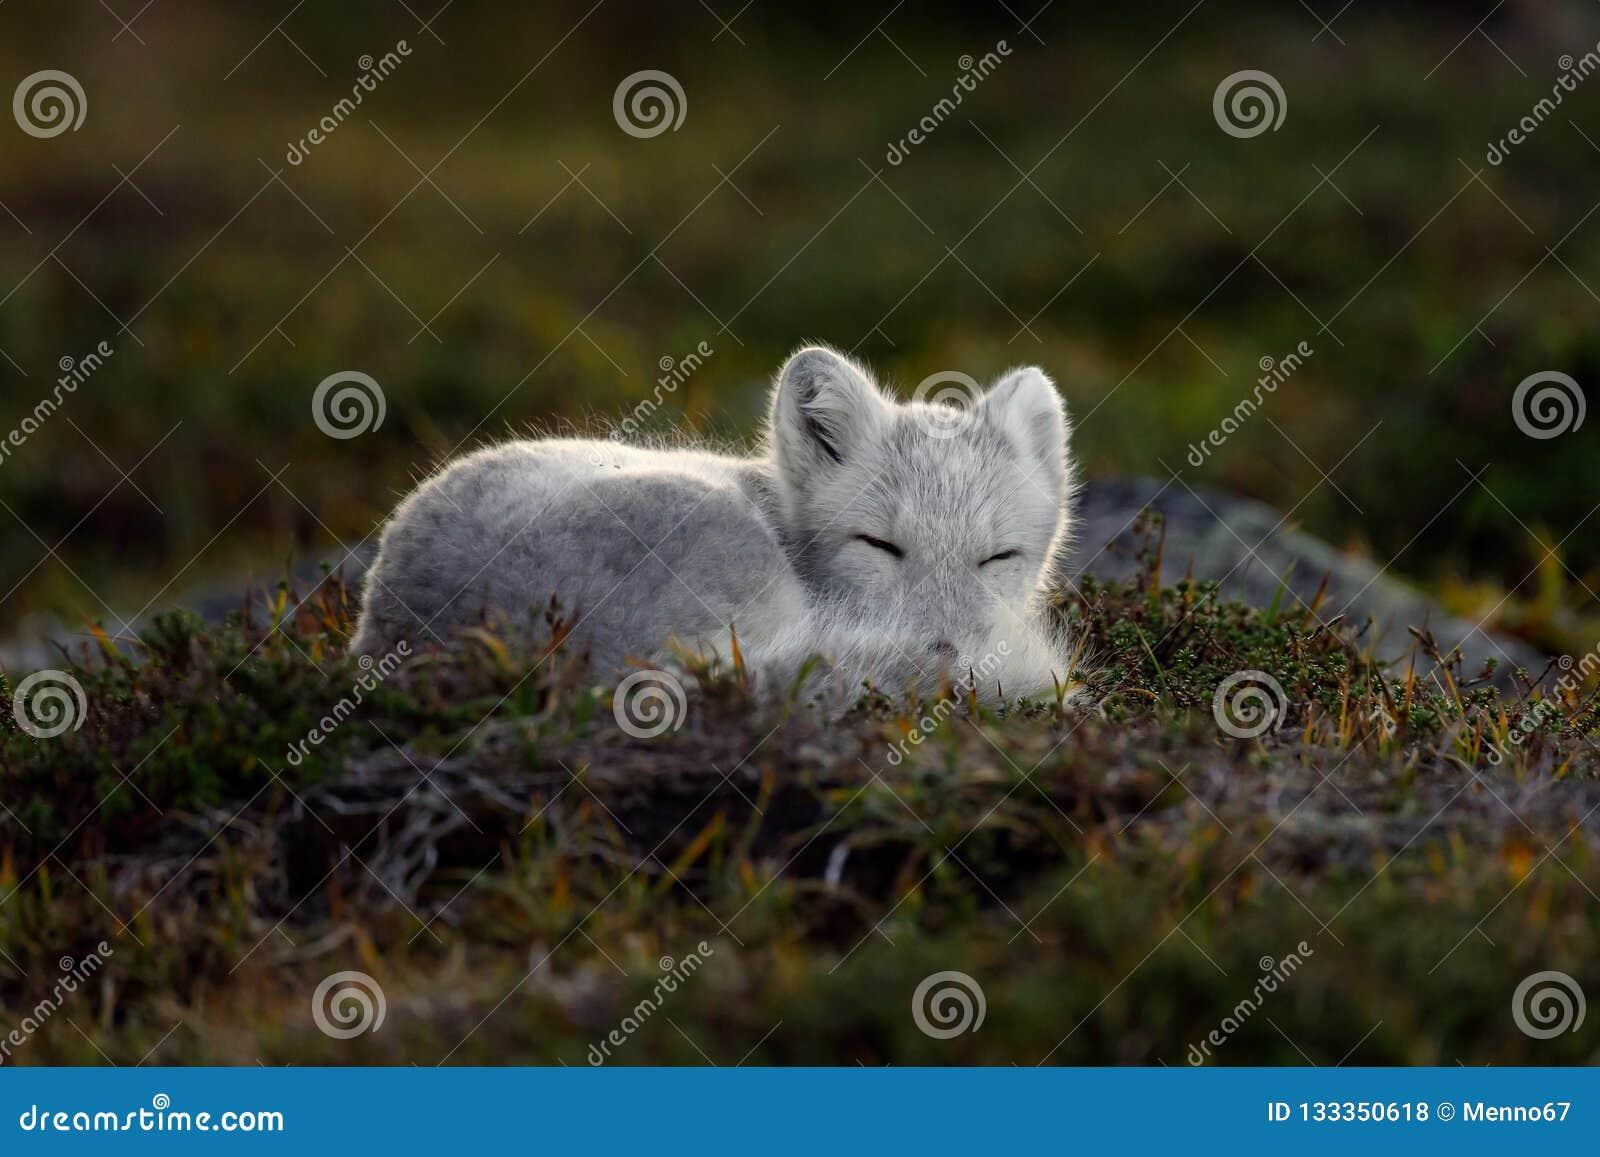 Raposa ártica em uma paisagem do outono